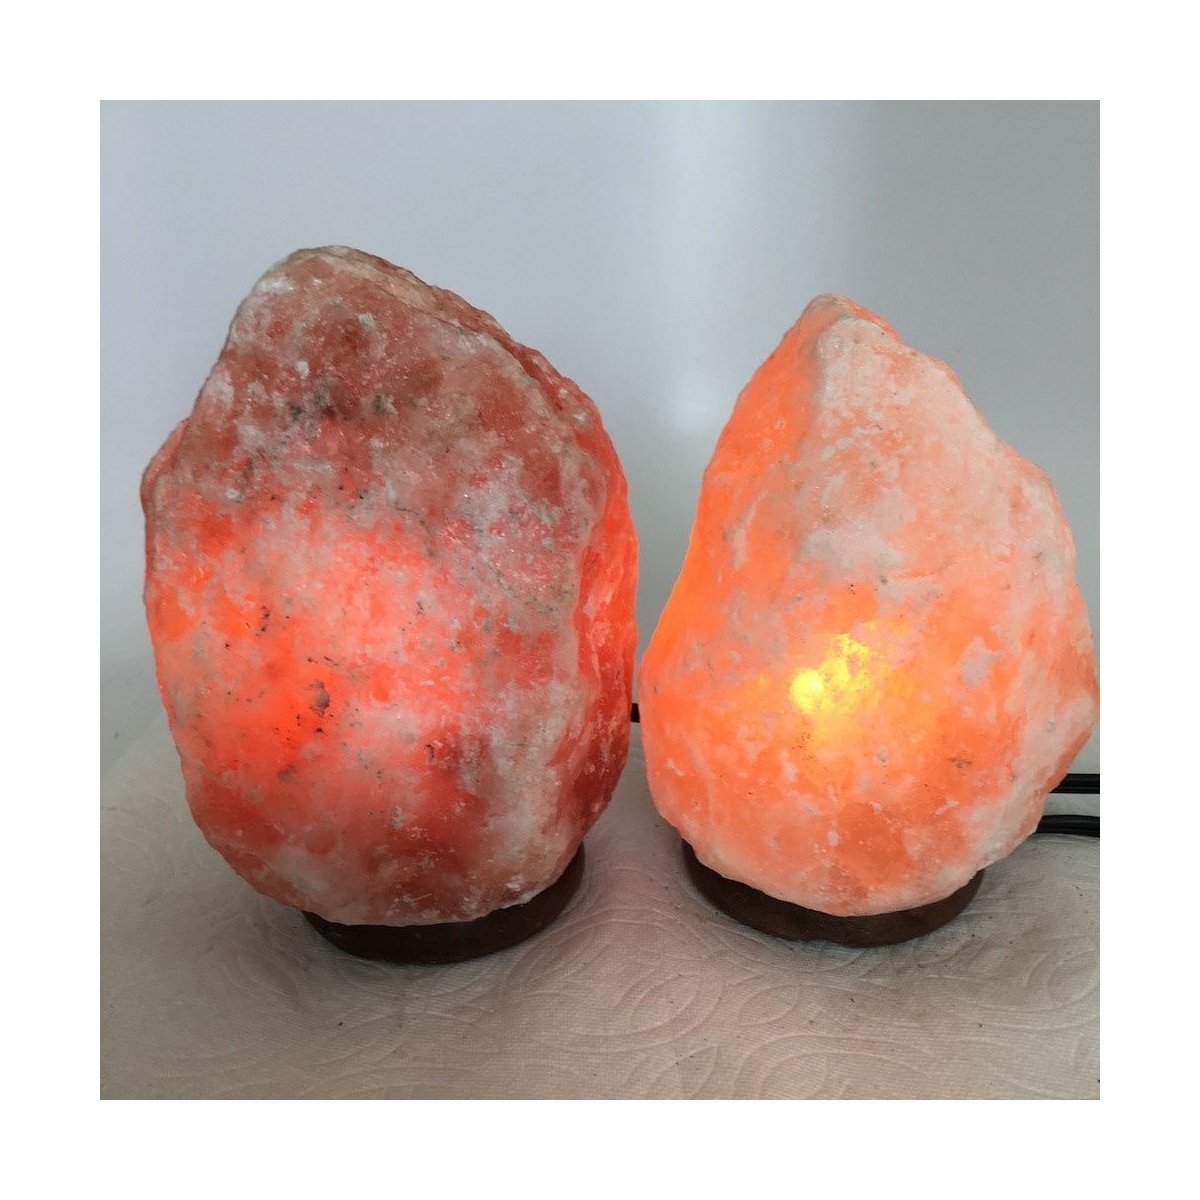 2x Himalaya Natural Handcraft Rough Raw Crystal Salt Lamp, 6.5''-7.25'' Tall,XL126